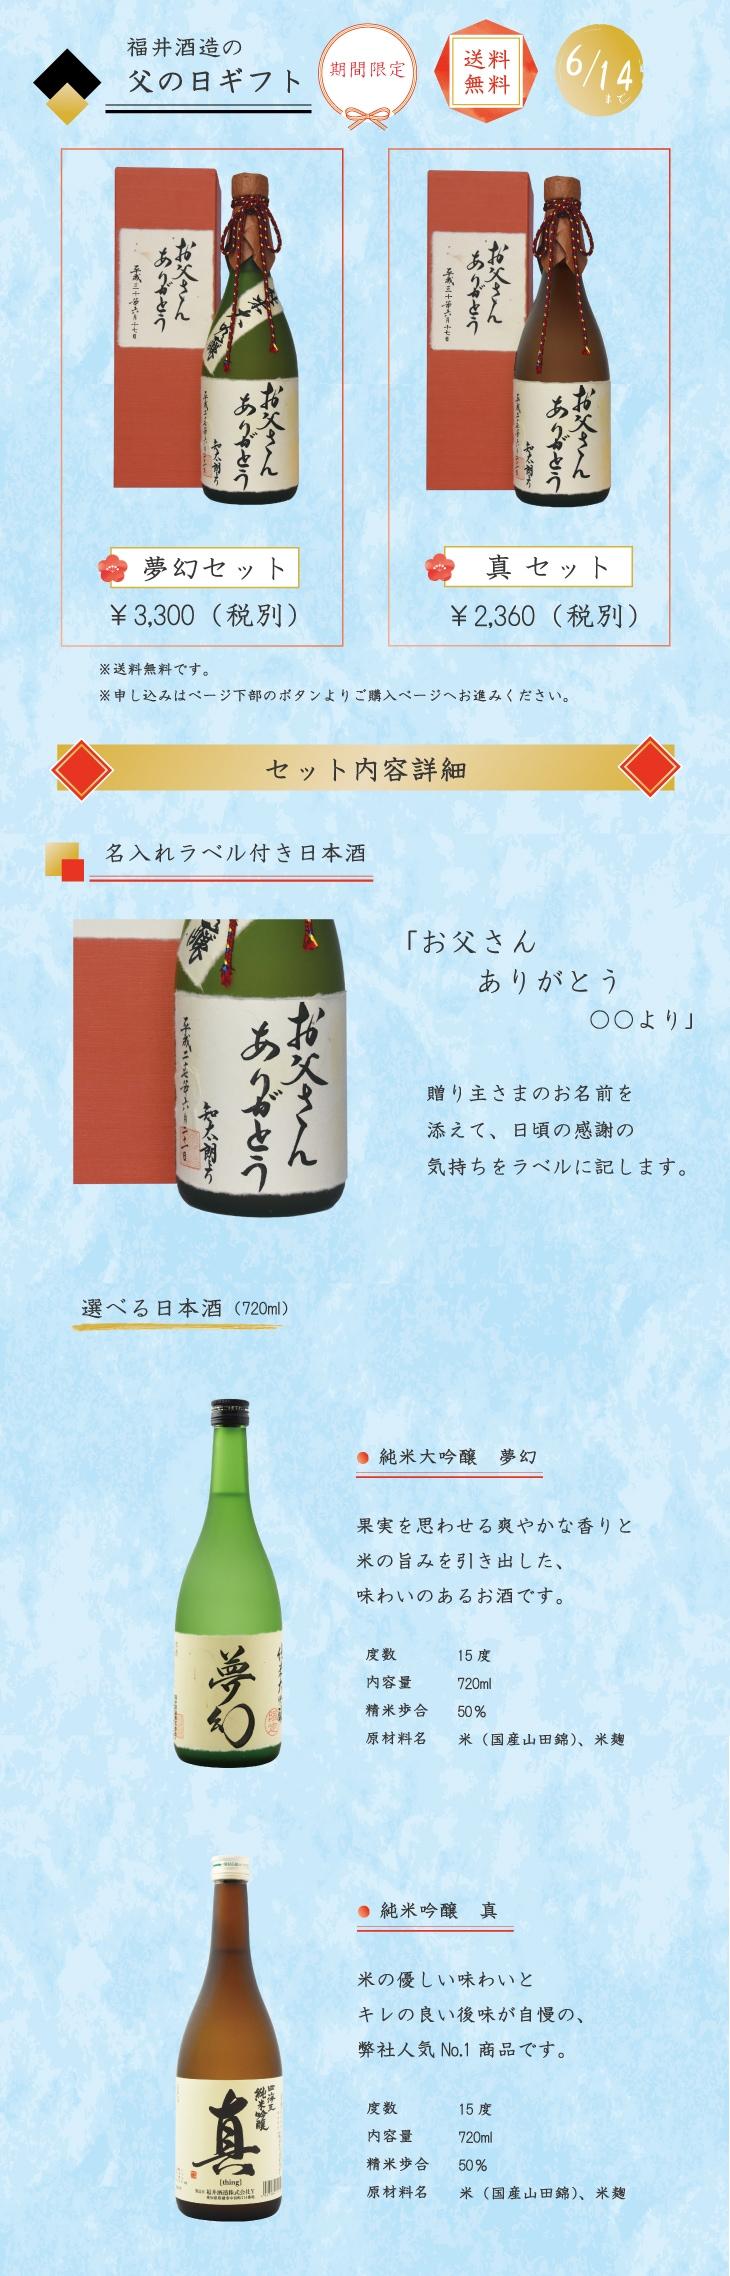 福井酒造の父の日ギフト(ラベルのみ)